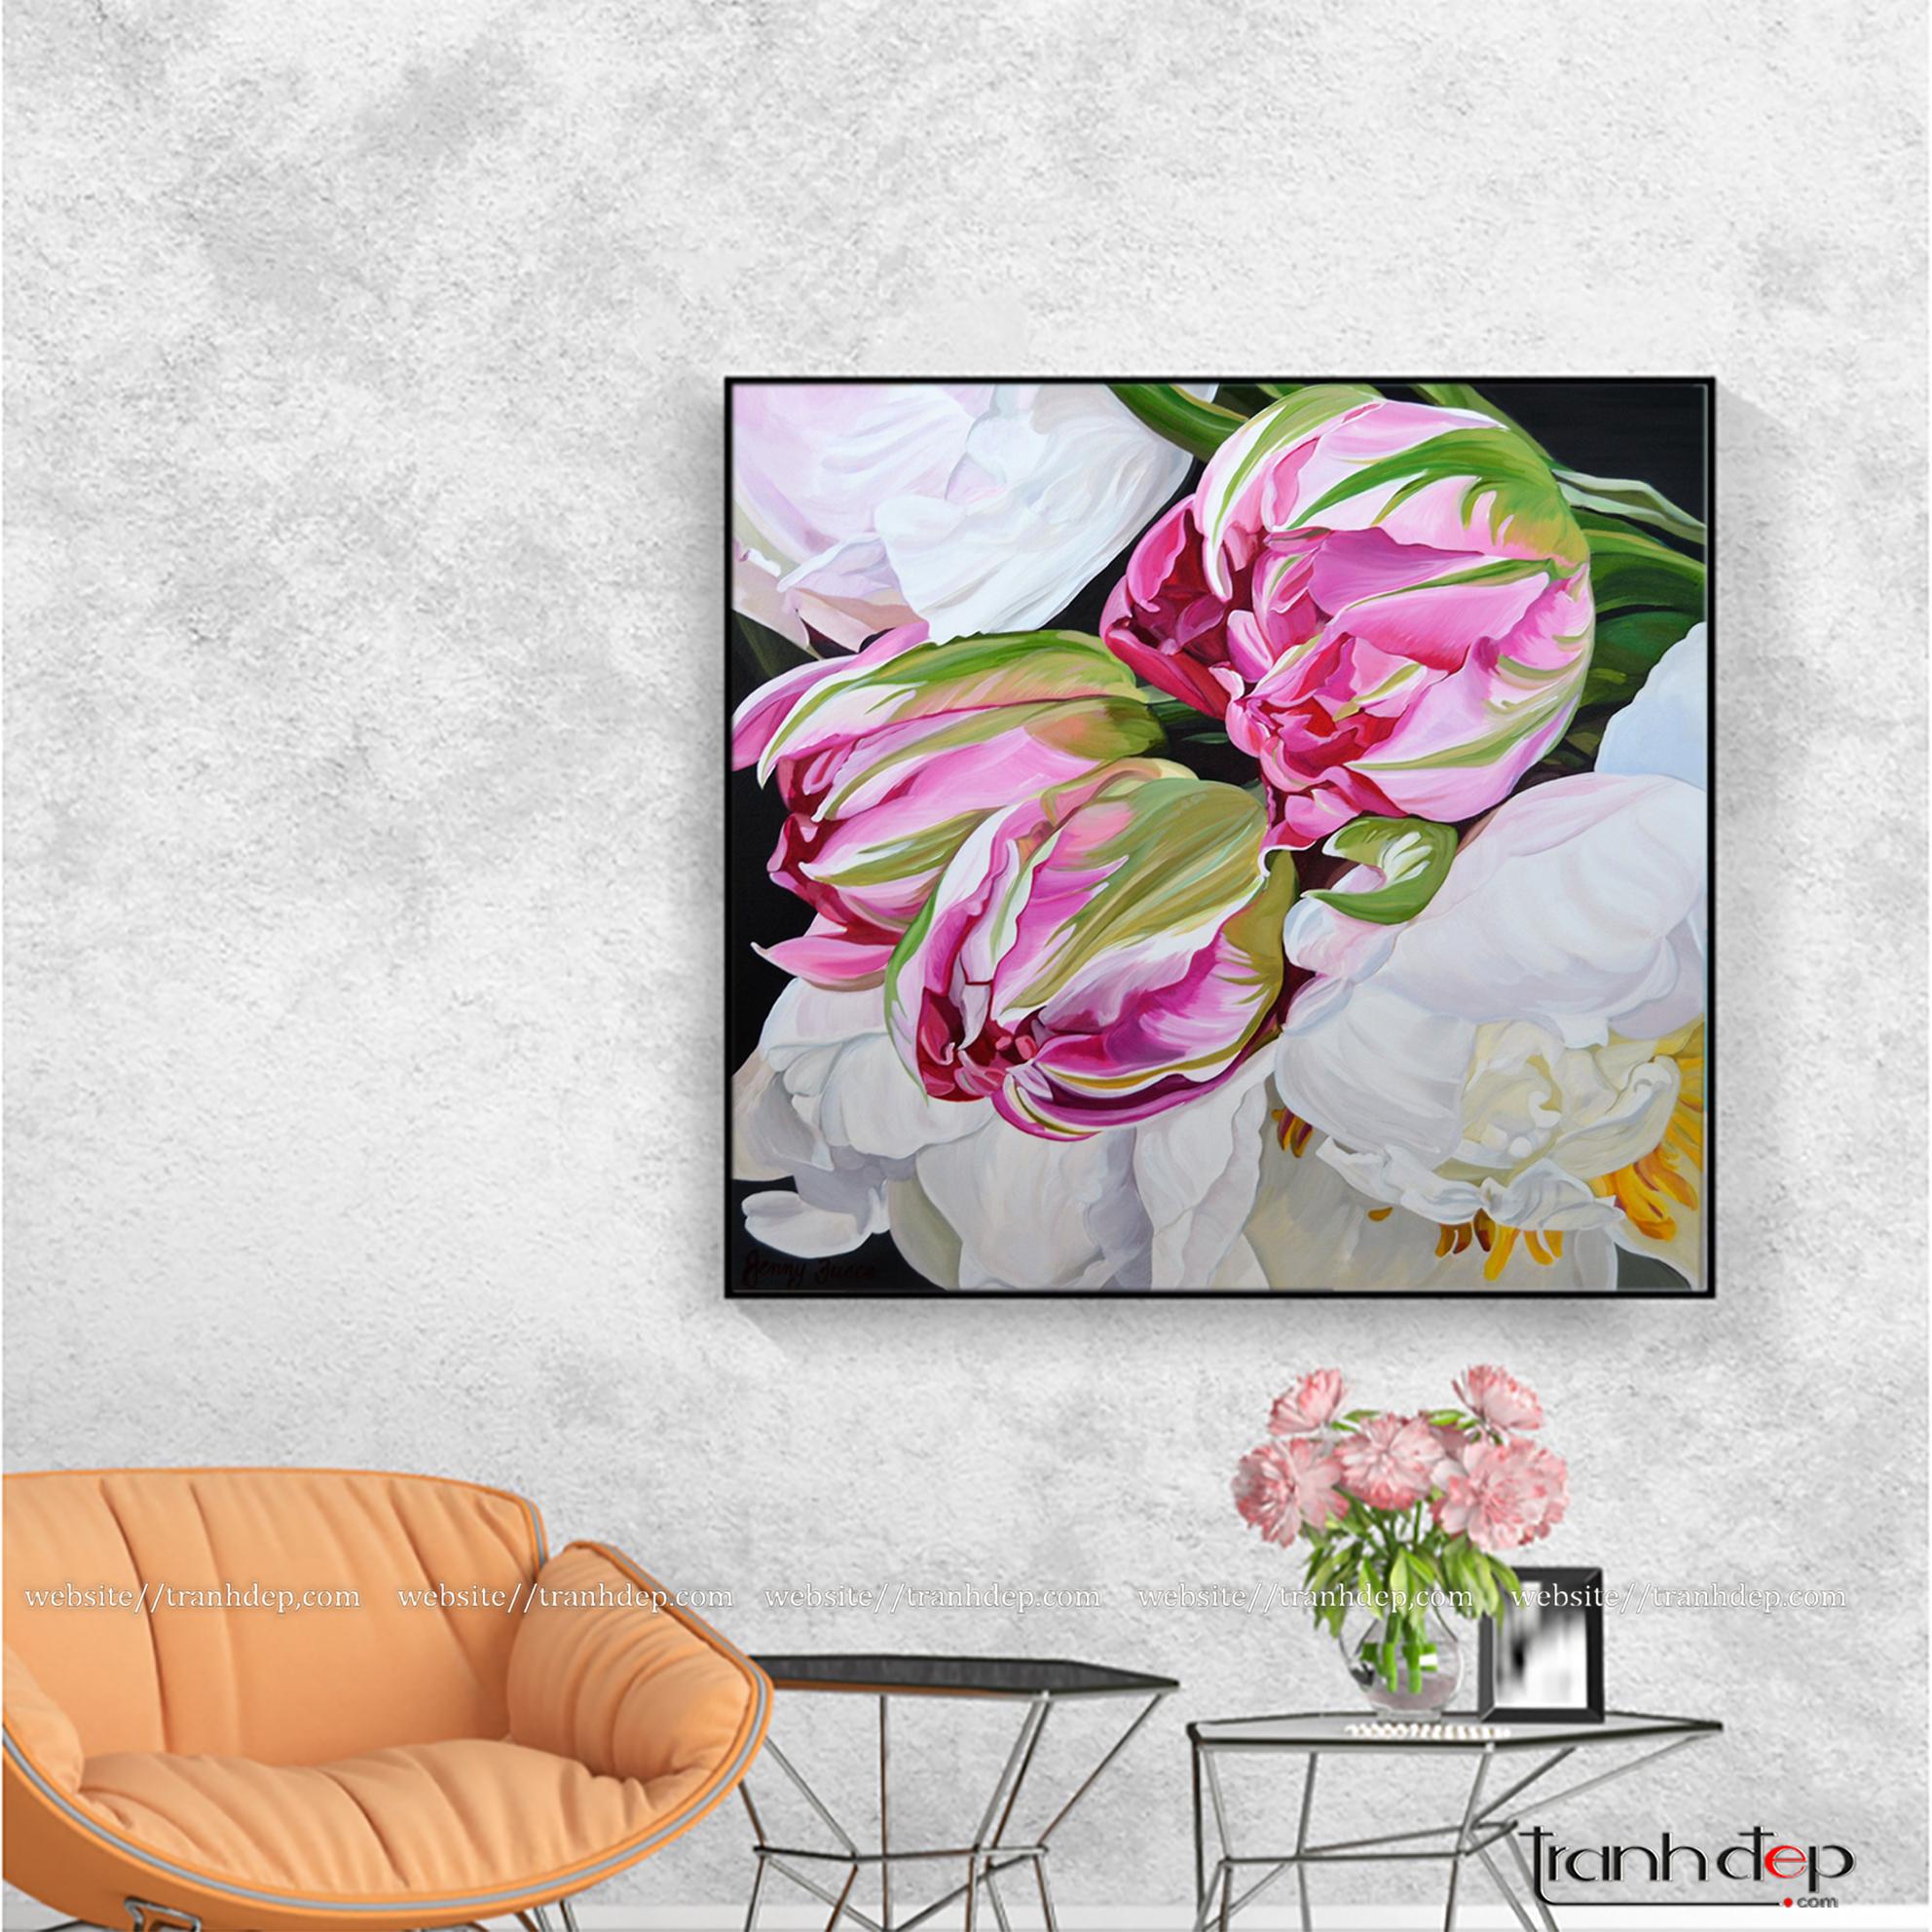 Tranh vẽ mẫu đơn trắng và hoa tulip hồng đẹp trang trí nội thất